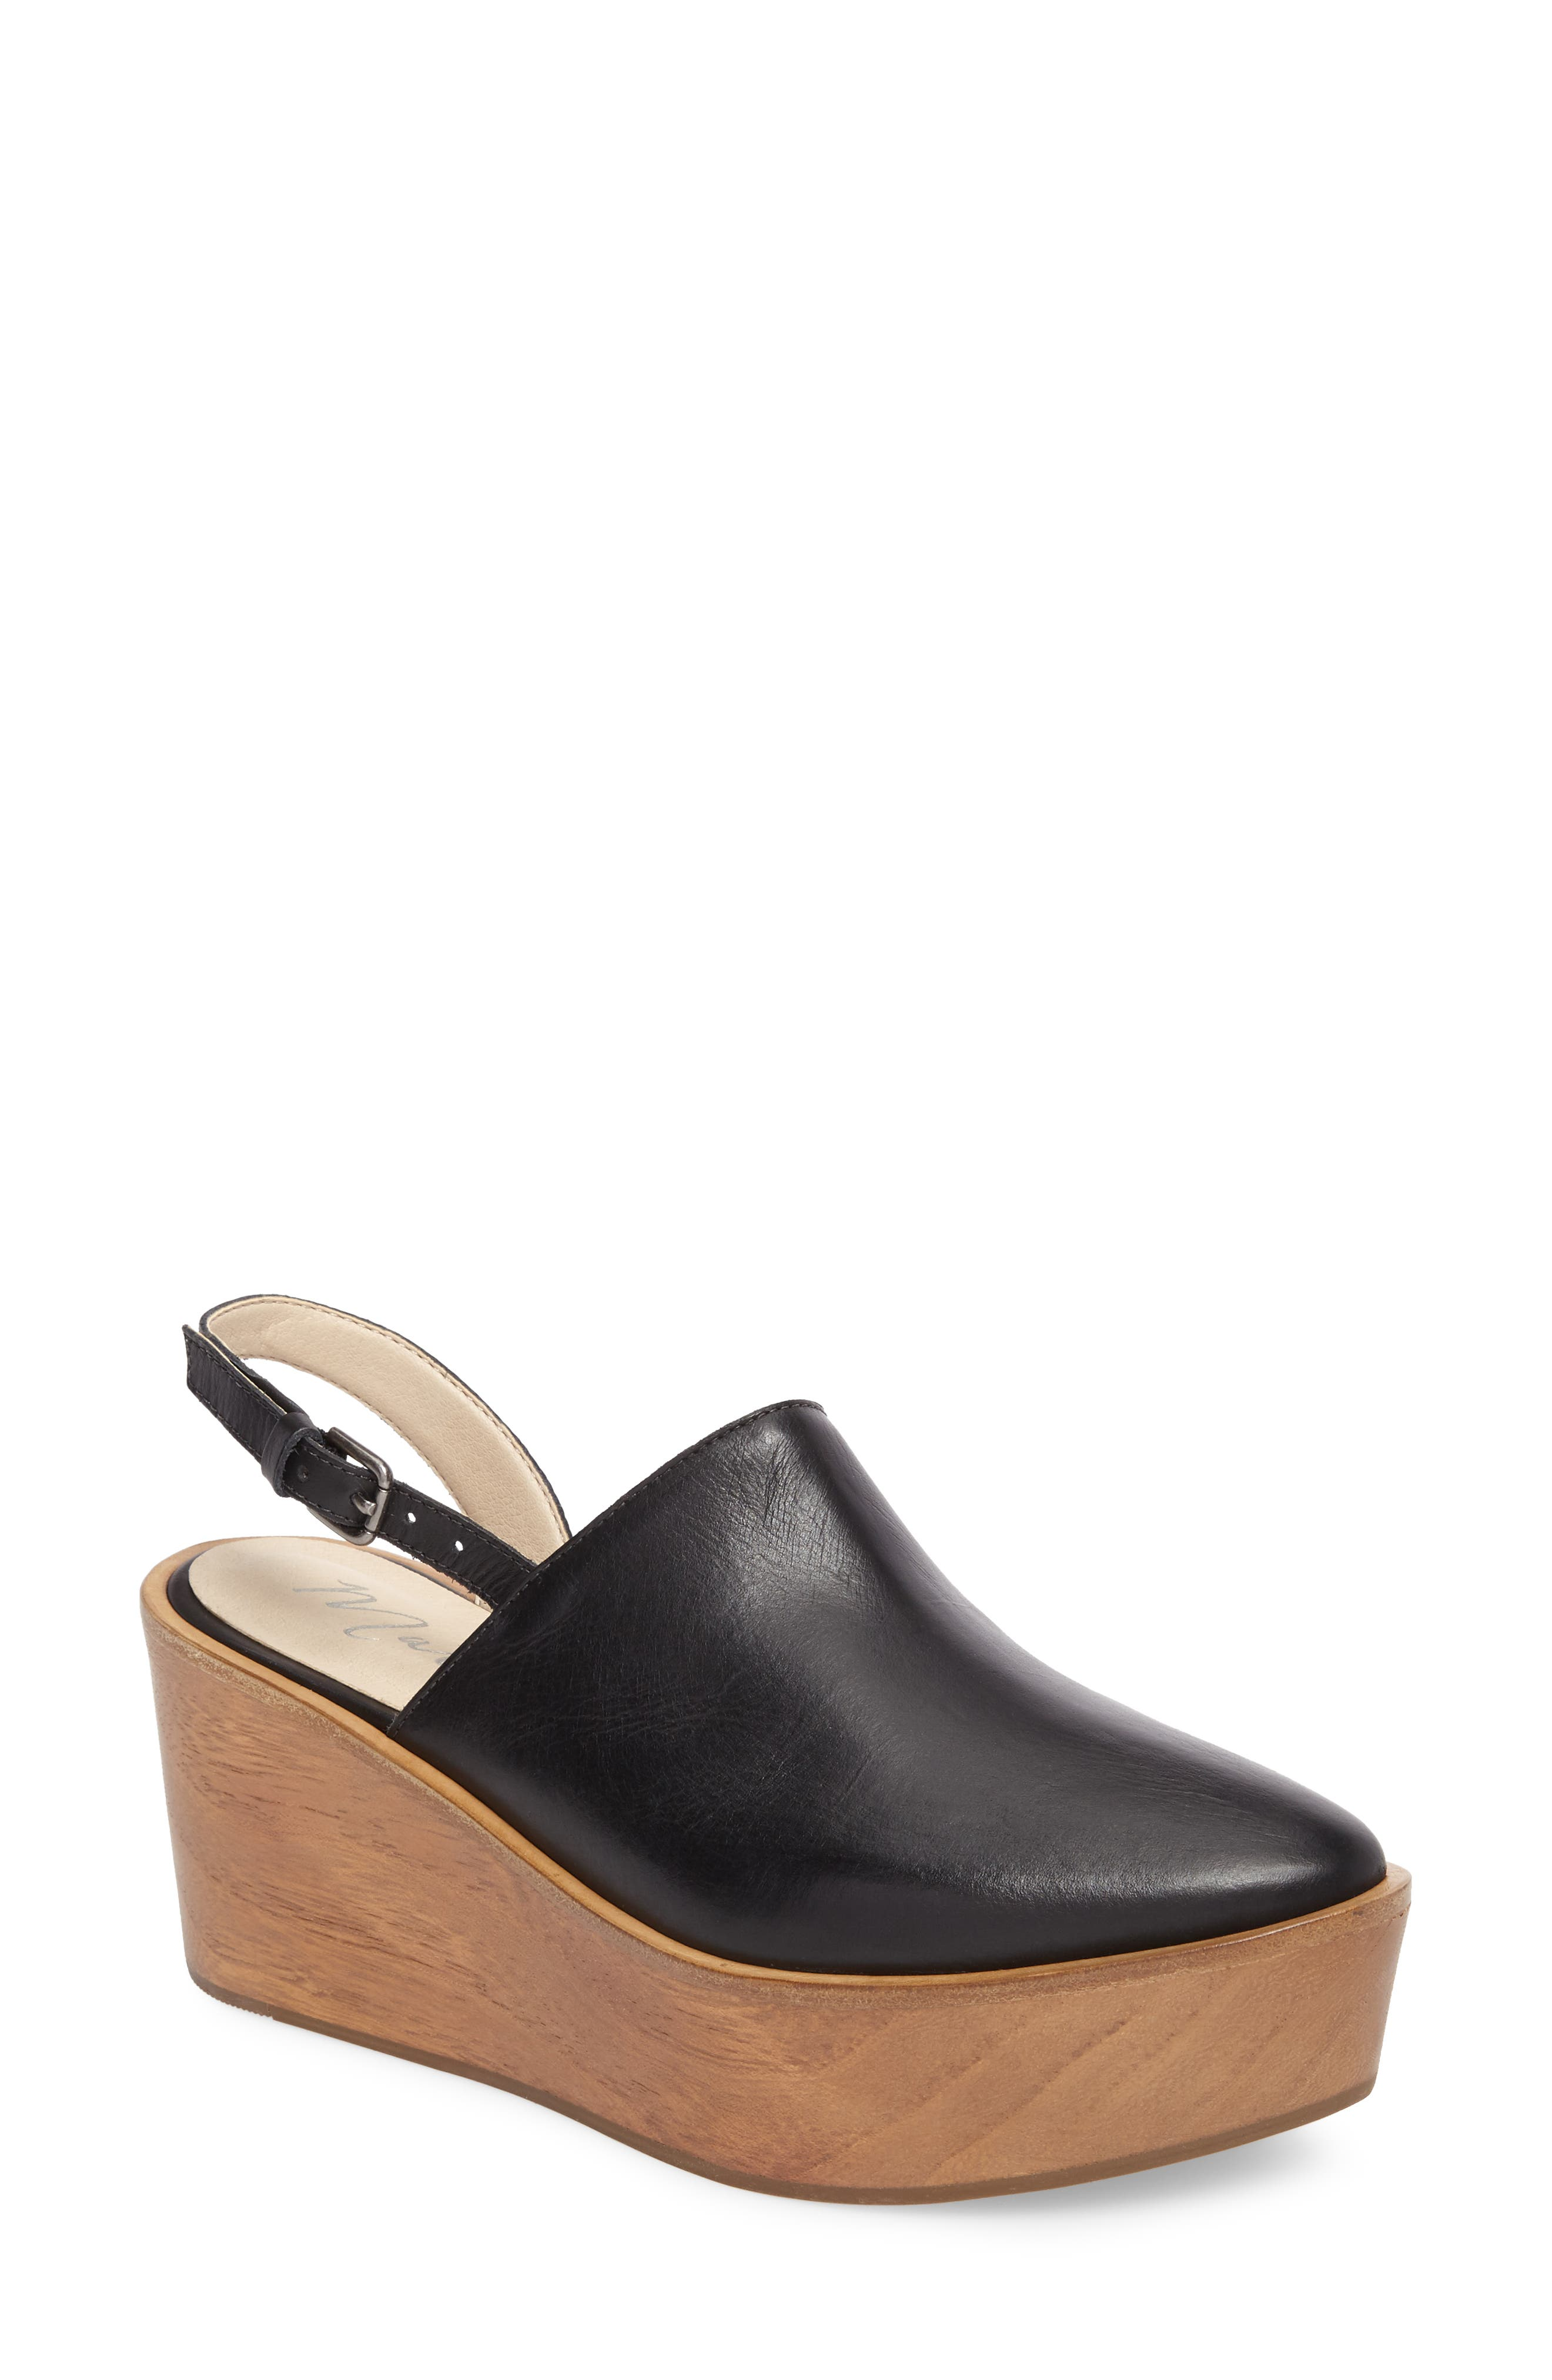 MATISSE Eyals Slingback Platform Wedge Sandal, Main, color, 001